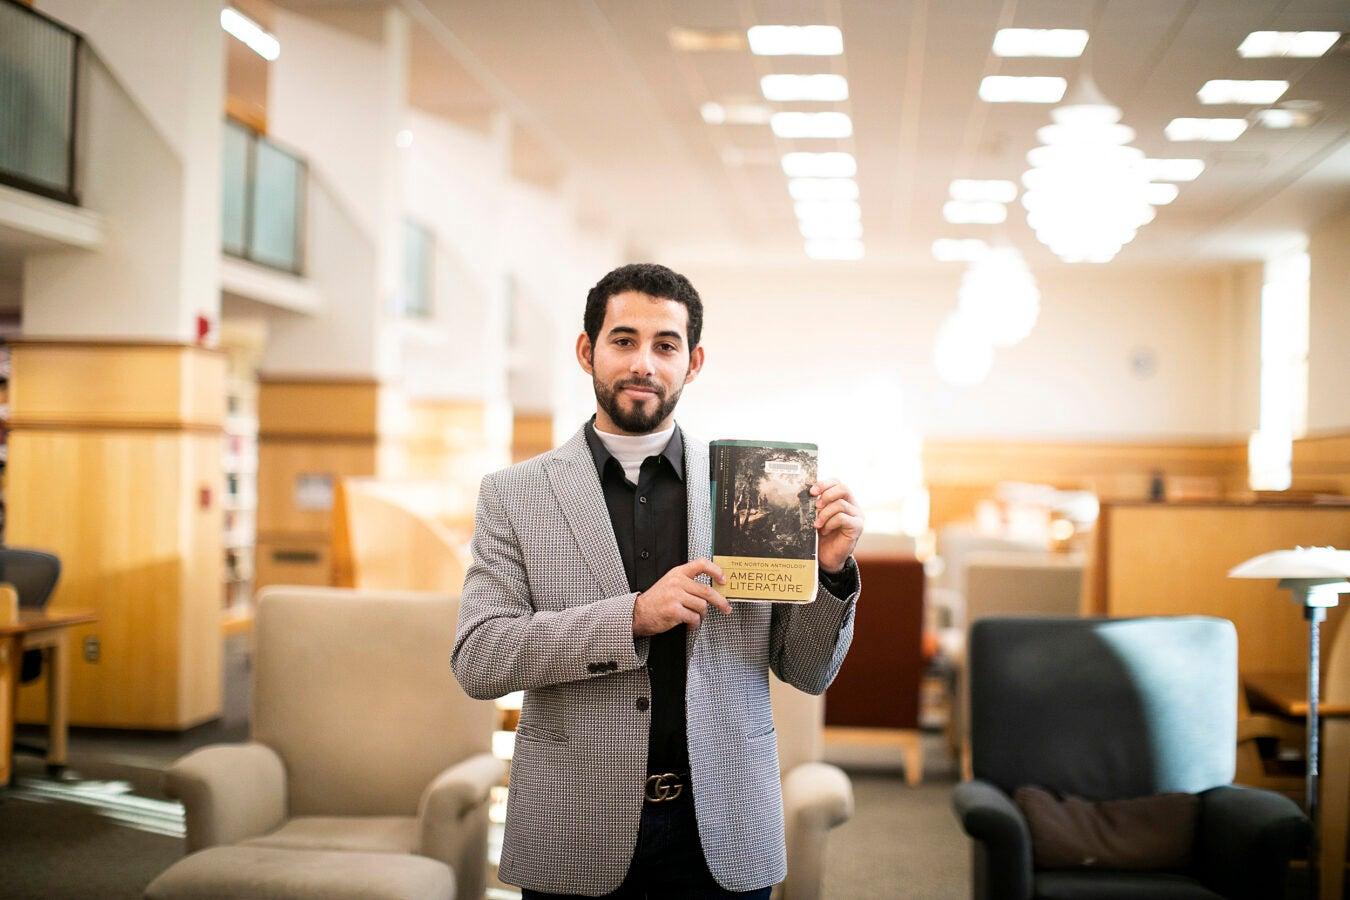 Mosab Abu Toha holding a book.